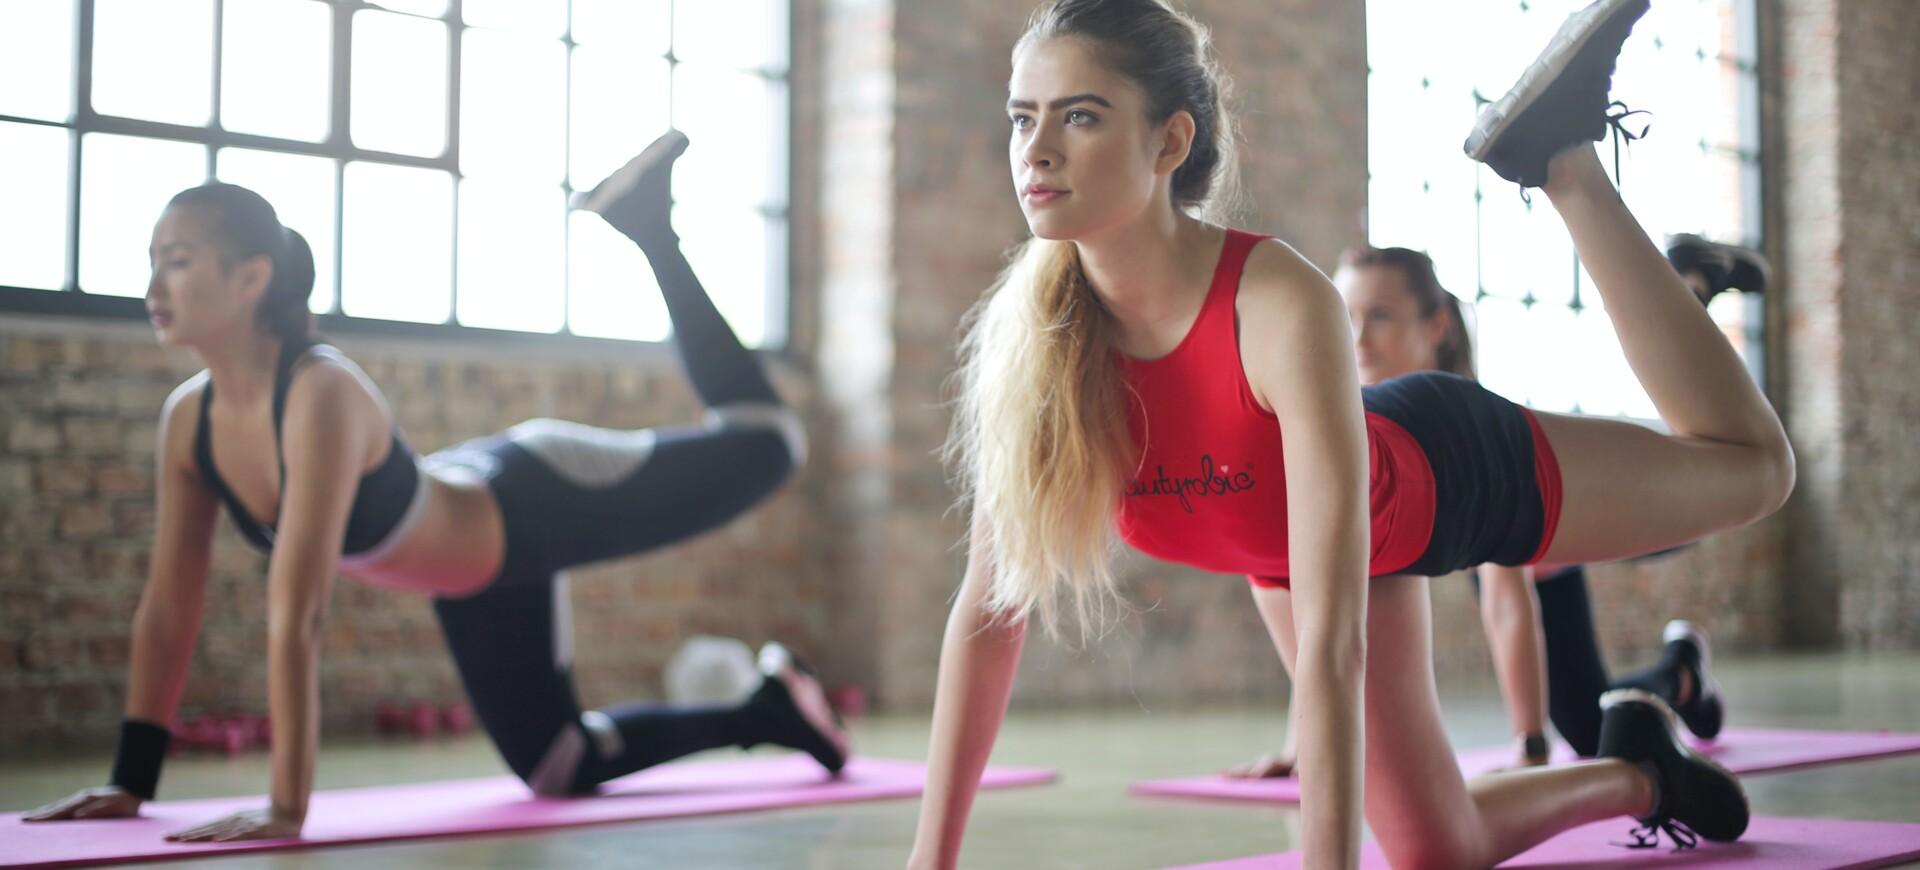 Sportul și menstruația – împreună sau la distanță?